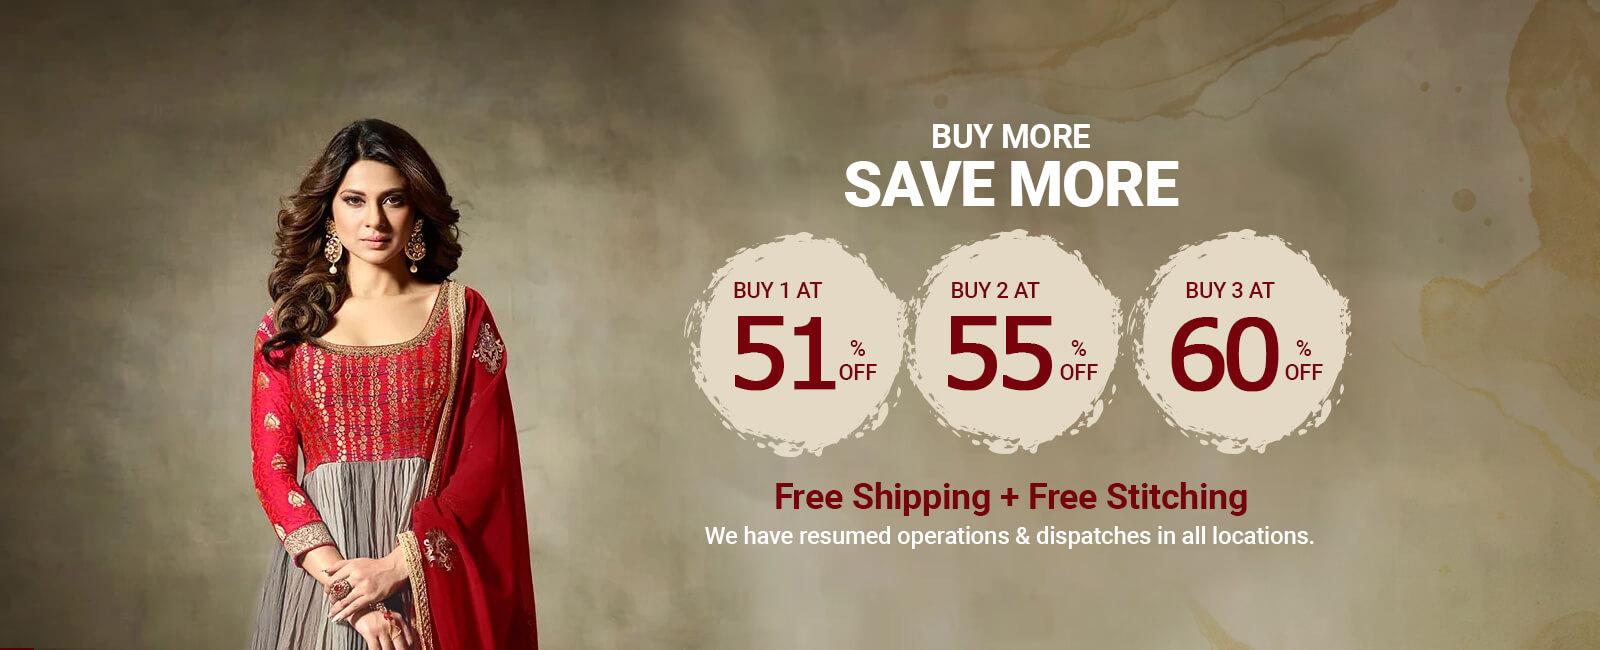 Buy3 at 60%,Buy 2 at 55% ,Buy 1 at 51% off + Free shipping & stitching